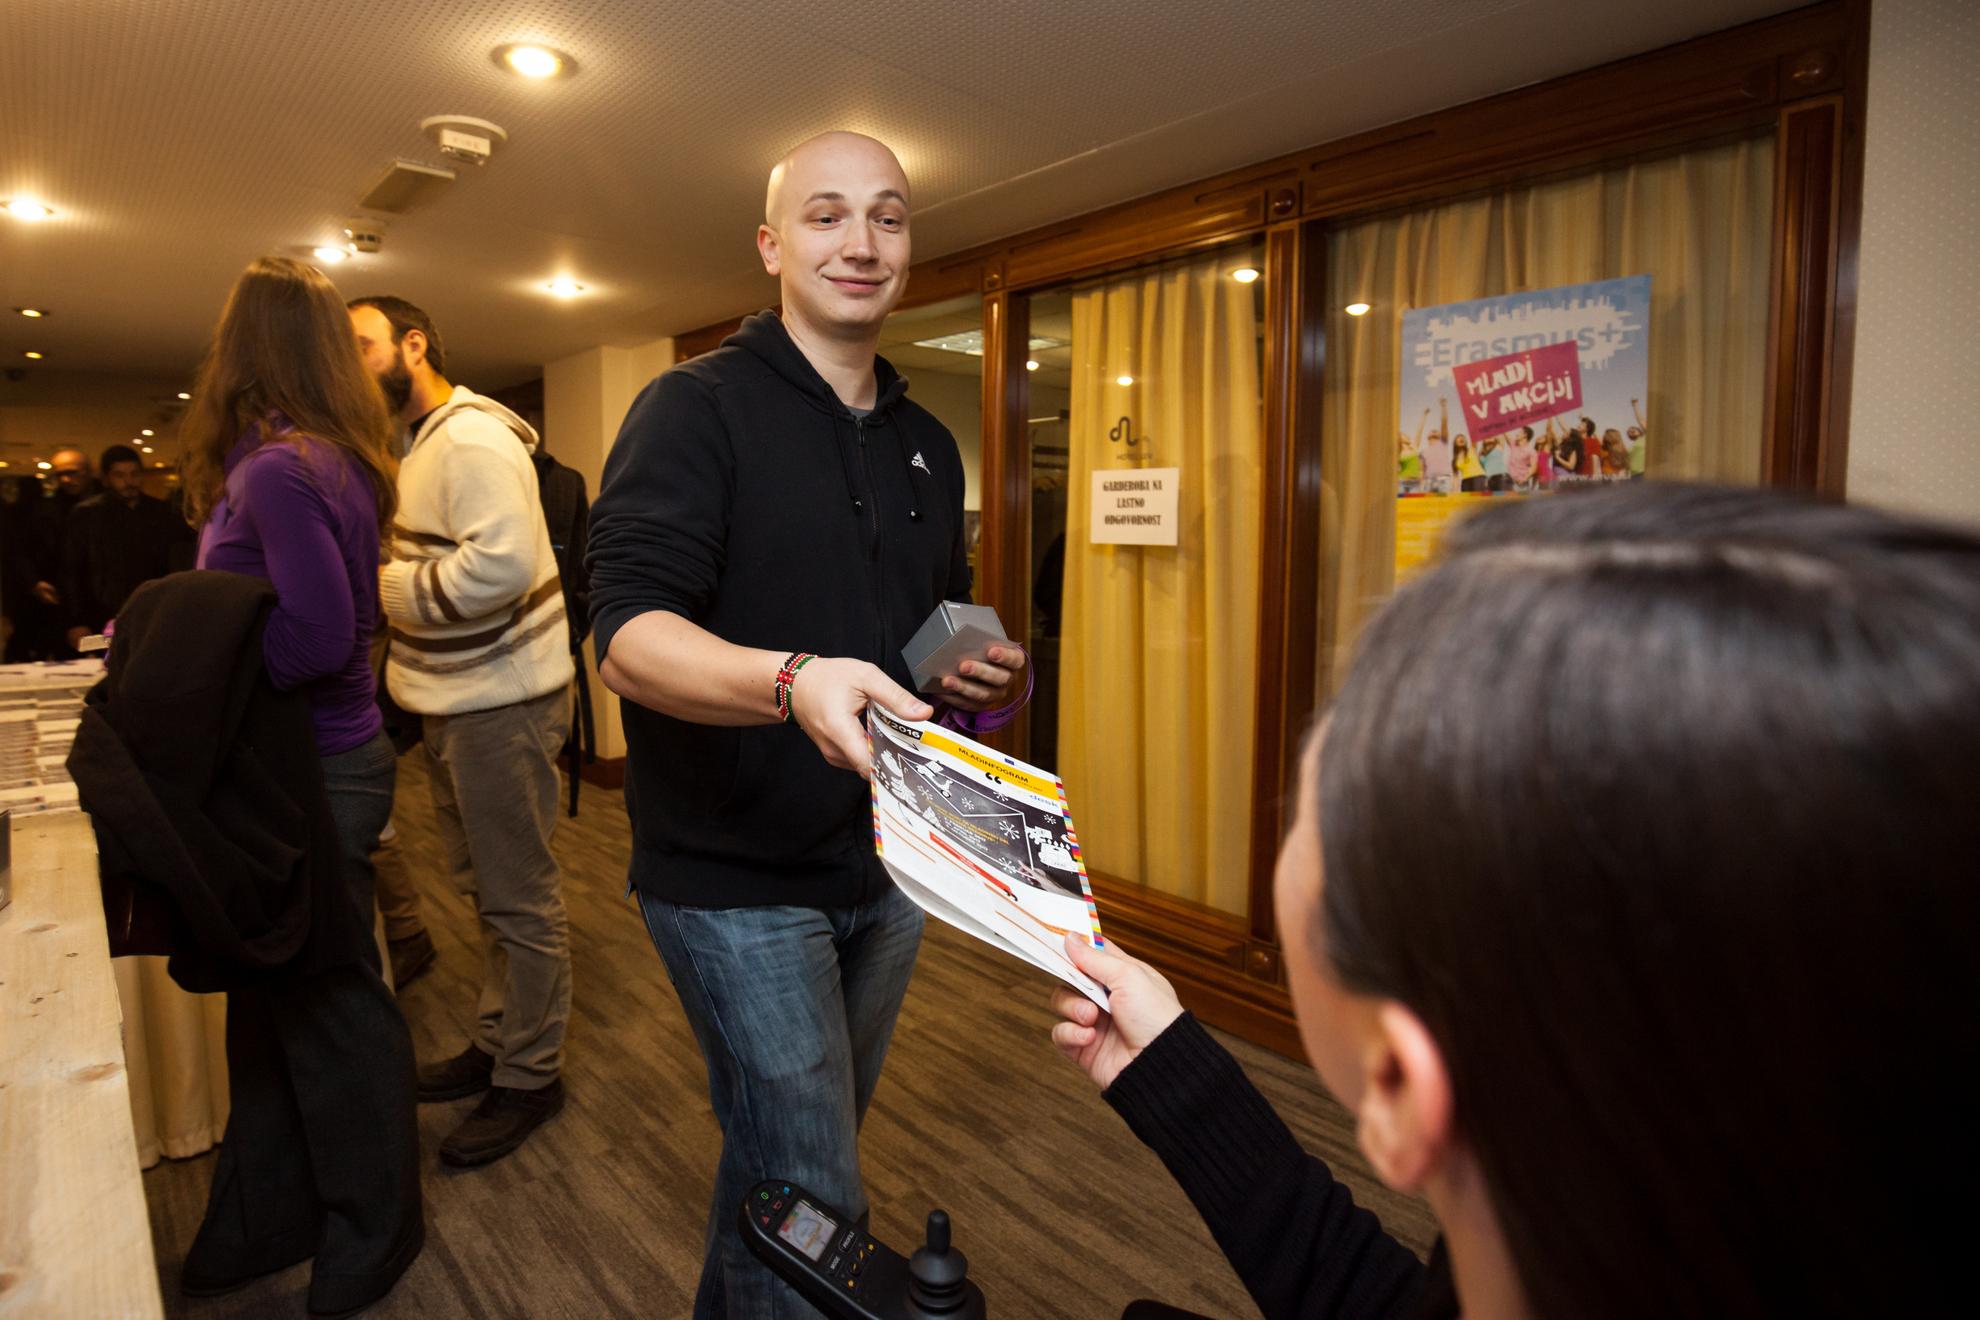 02.12.2016 Ljubljana, Hotel Lev. Zaključno srečanje Movit.